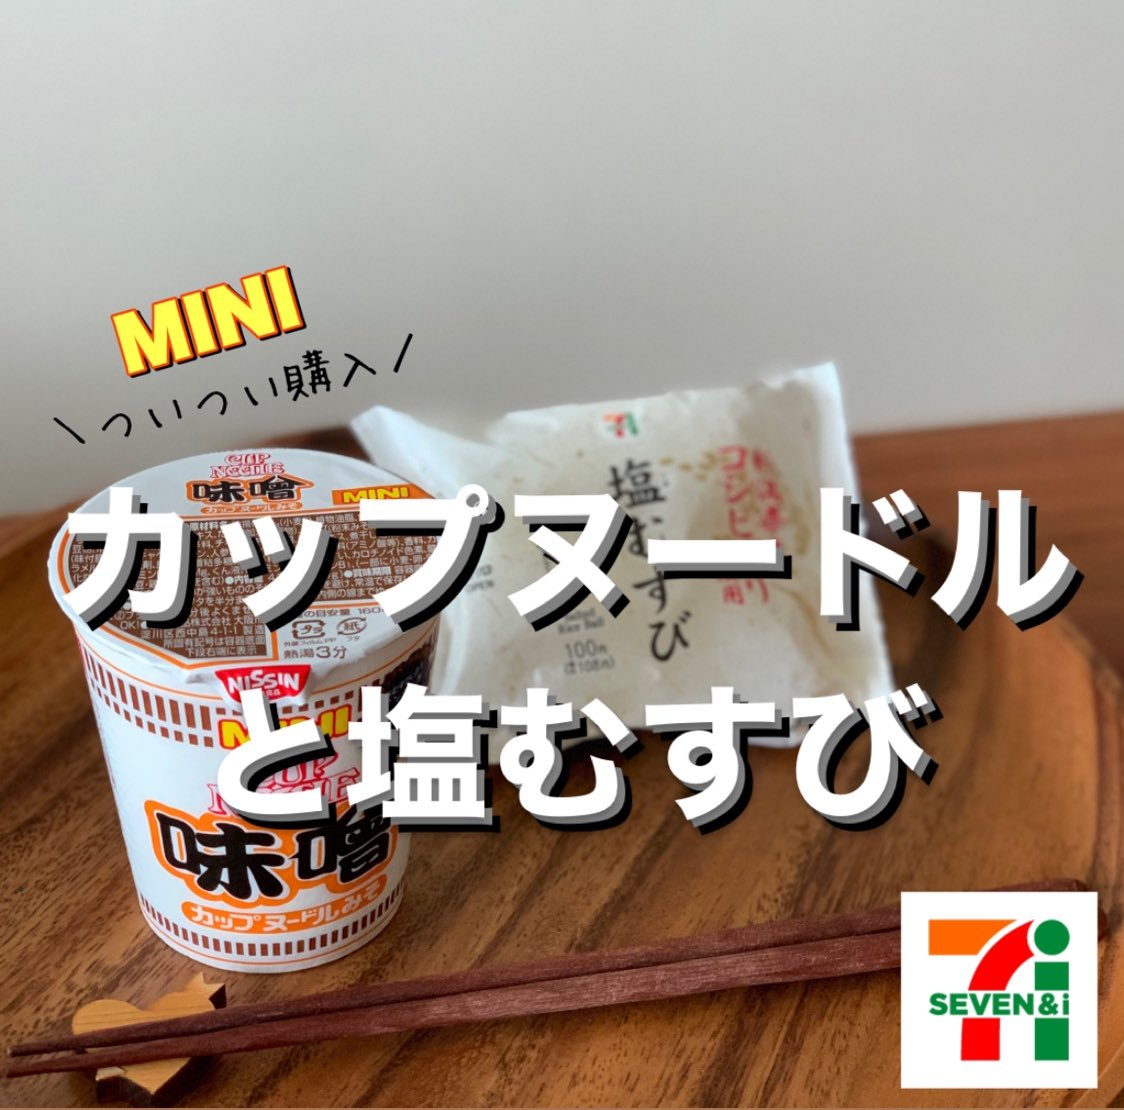 📻今週のボイシーです【#6】カップヌードルと塩むすびを食す! #Voicy  #ラーメンラジオ